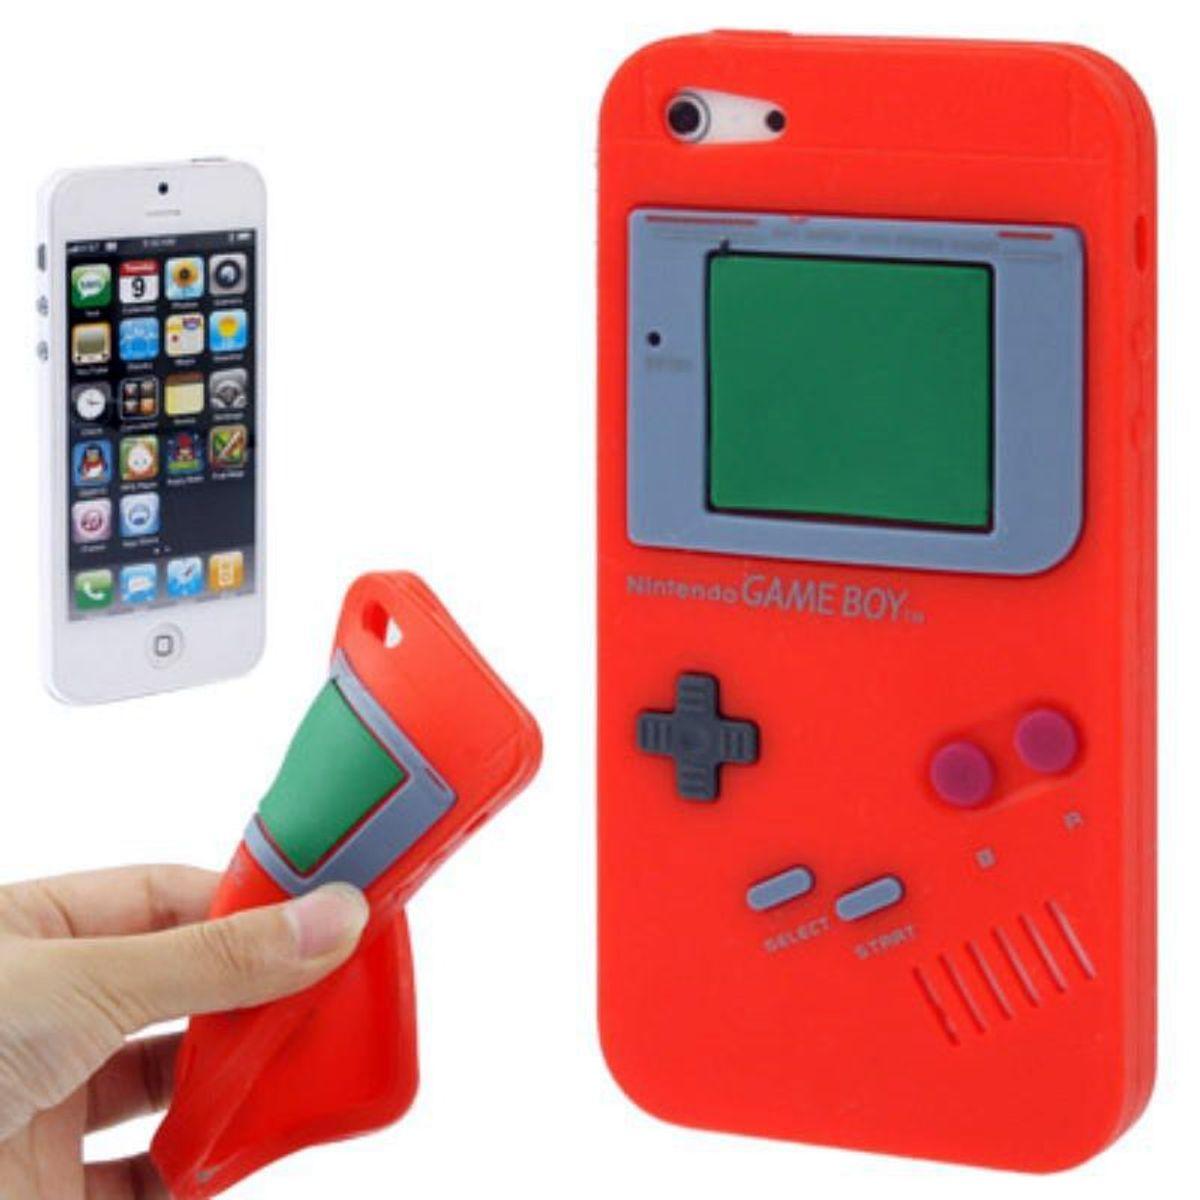 Silikon Hülle Retro Gameboy für Handy iPhone 5 / 5s Rot